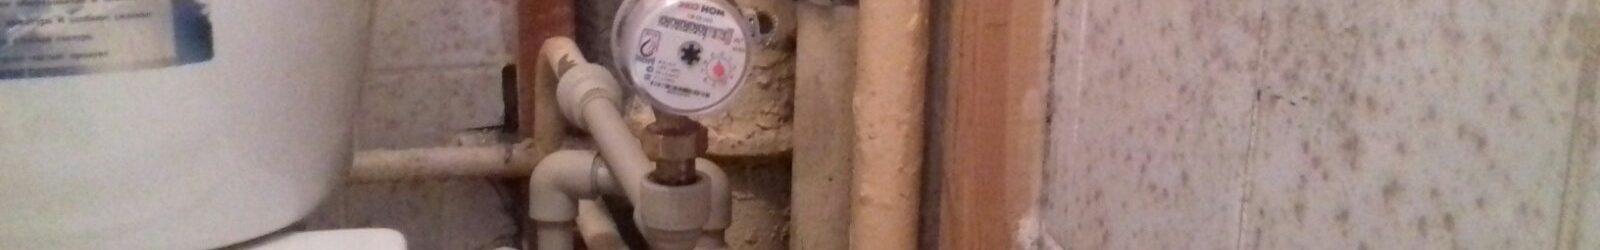 Установка счётчиков воды в Советском районе